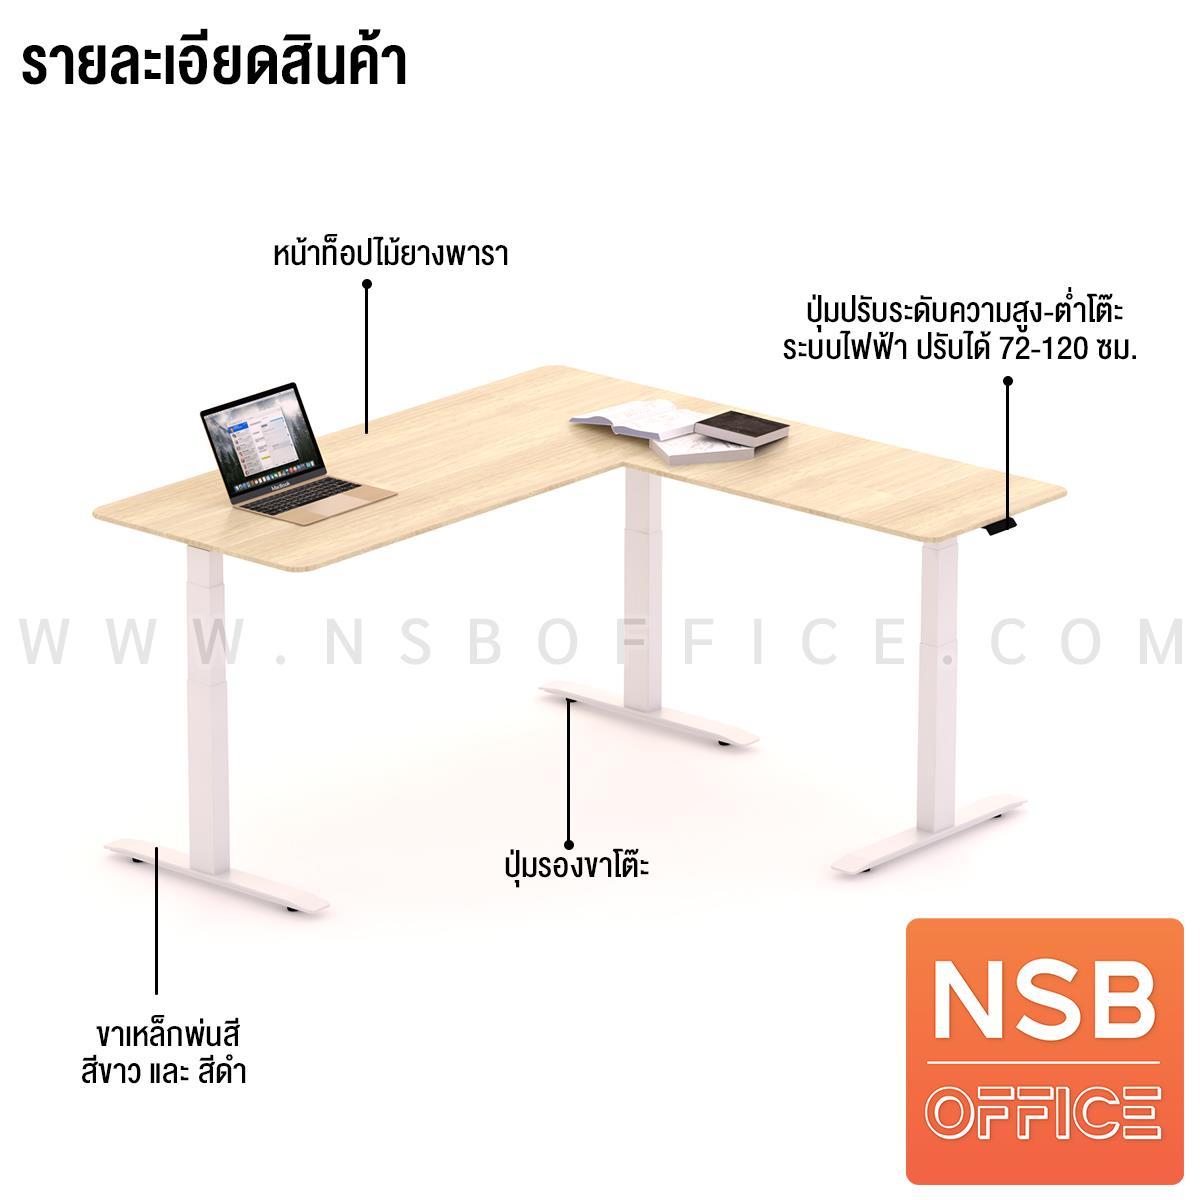 โต๊ะทำงานปรับระดับ Sit 2 Stand ทรงตัวแอล รุ่น Civic 2 (ซีวิค 2) ขนาด 160W, 180W cm. หน้าท็อปไม้ยางพารา